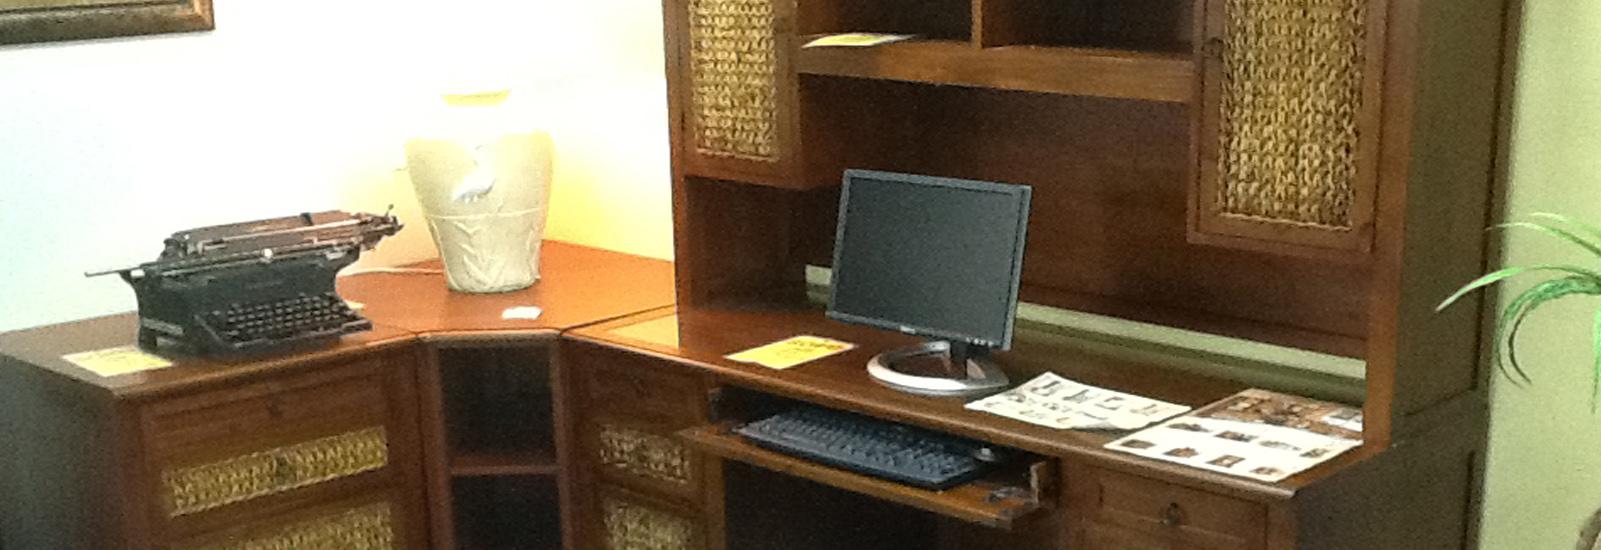 Office Firniture